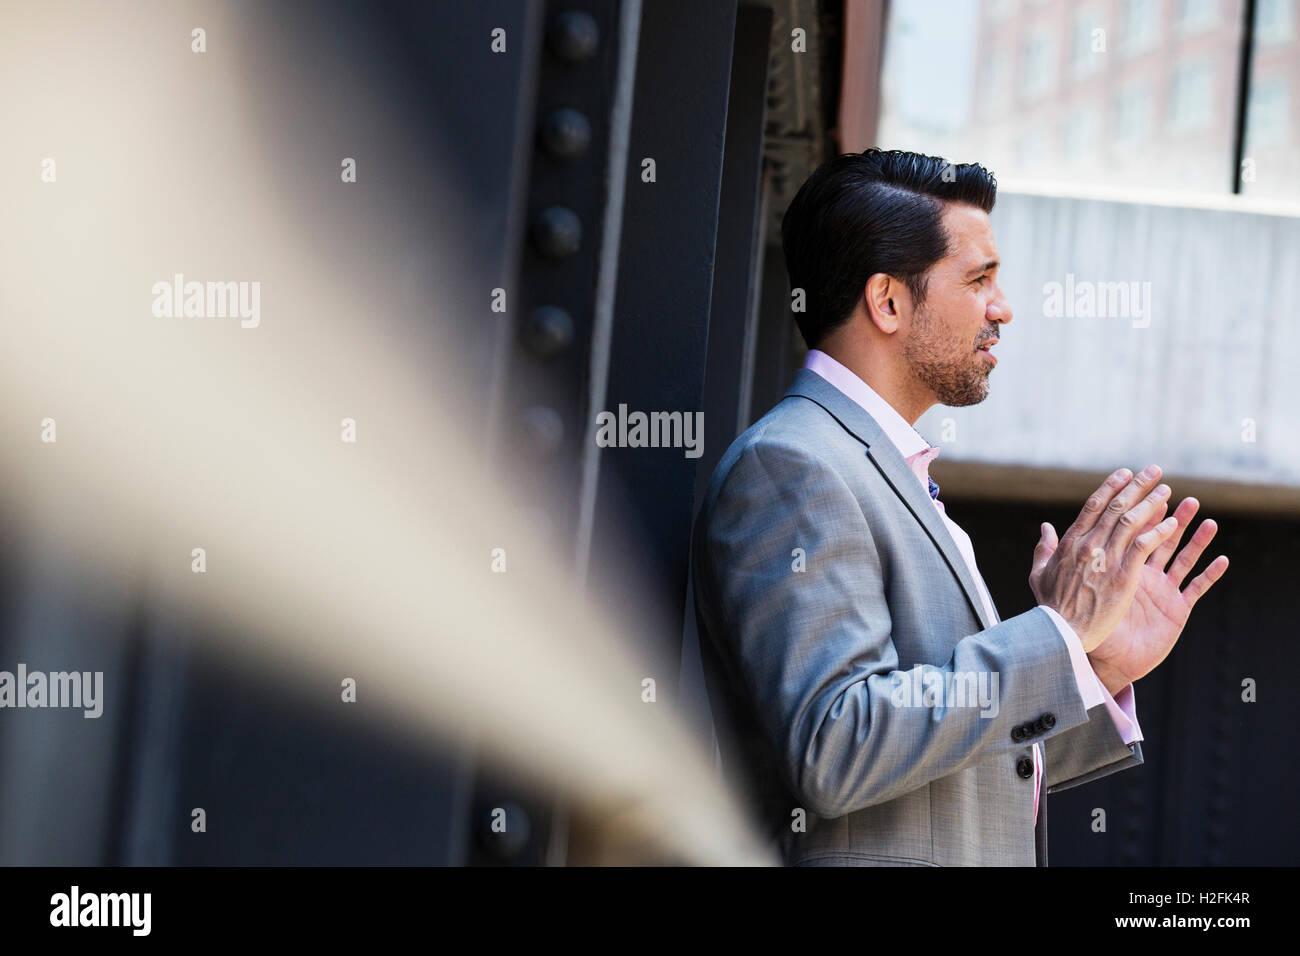 Geschäftsmann trägt einen grauen Anzug stehen im Freien, sprechen und Gestikulieren mit den Händen Stockbild